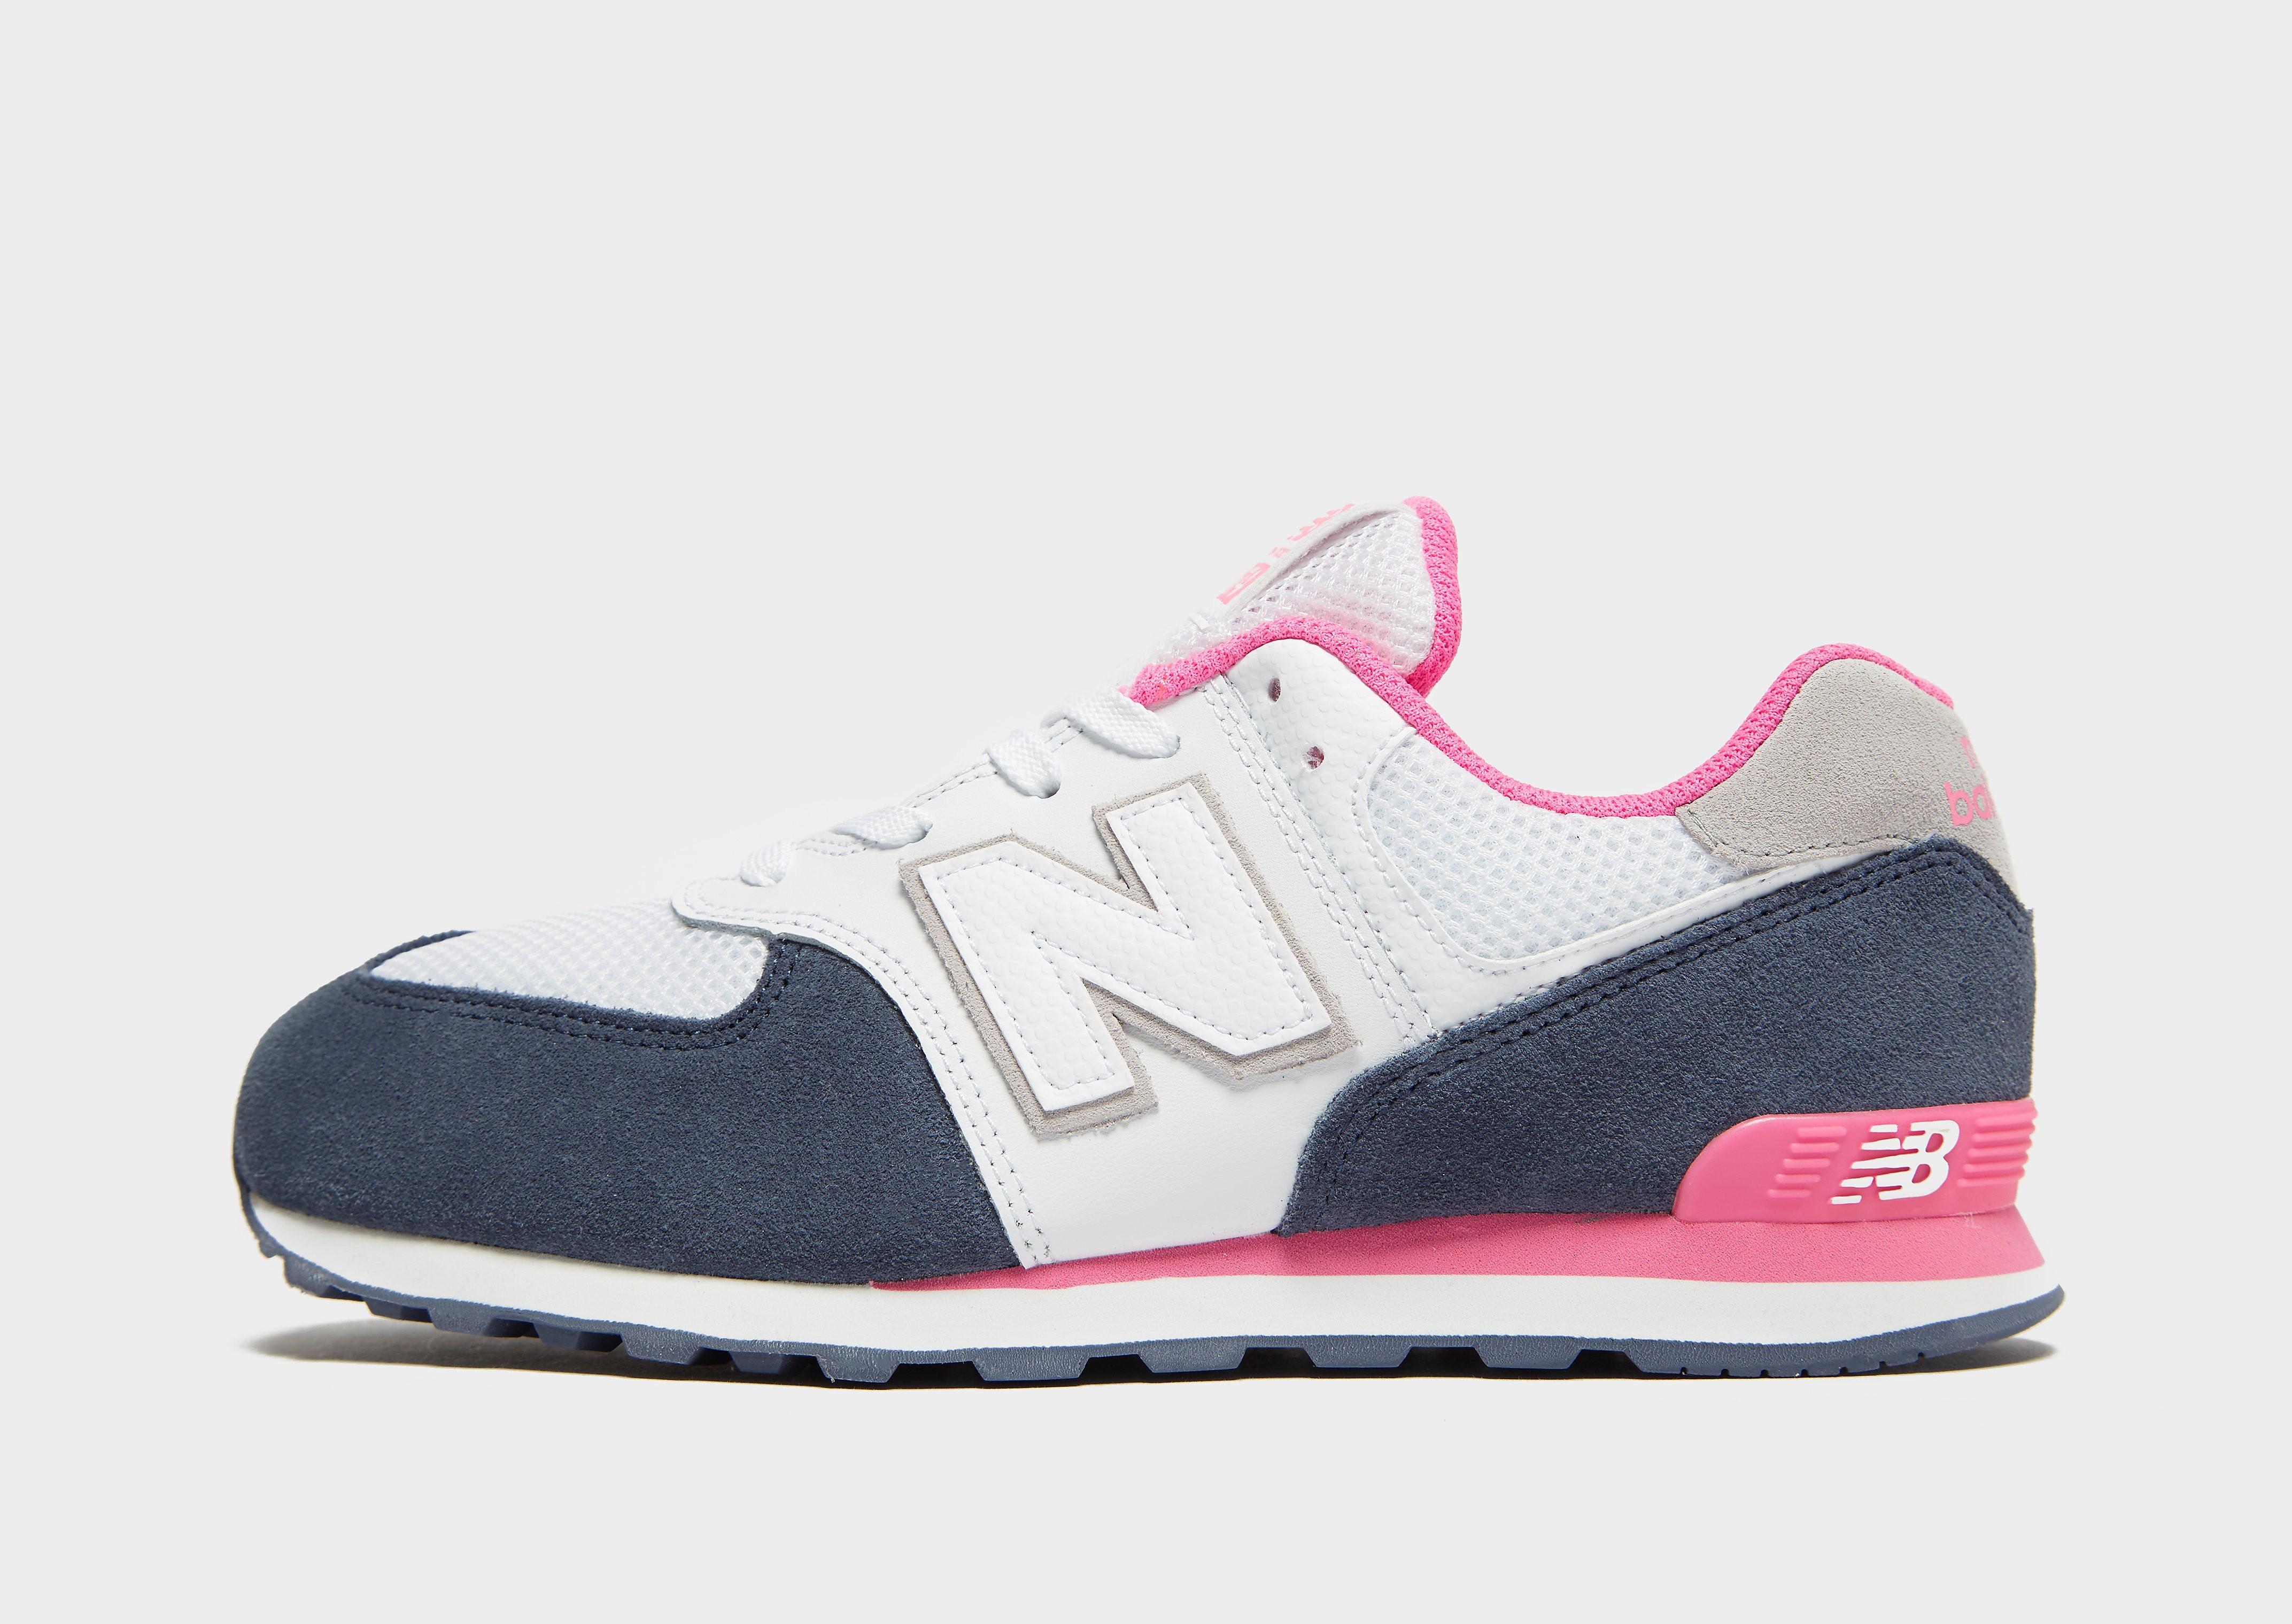 New Balance 574 kindersneaker wit, blauw en roze